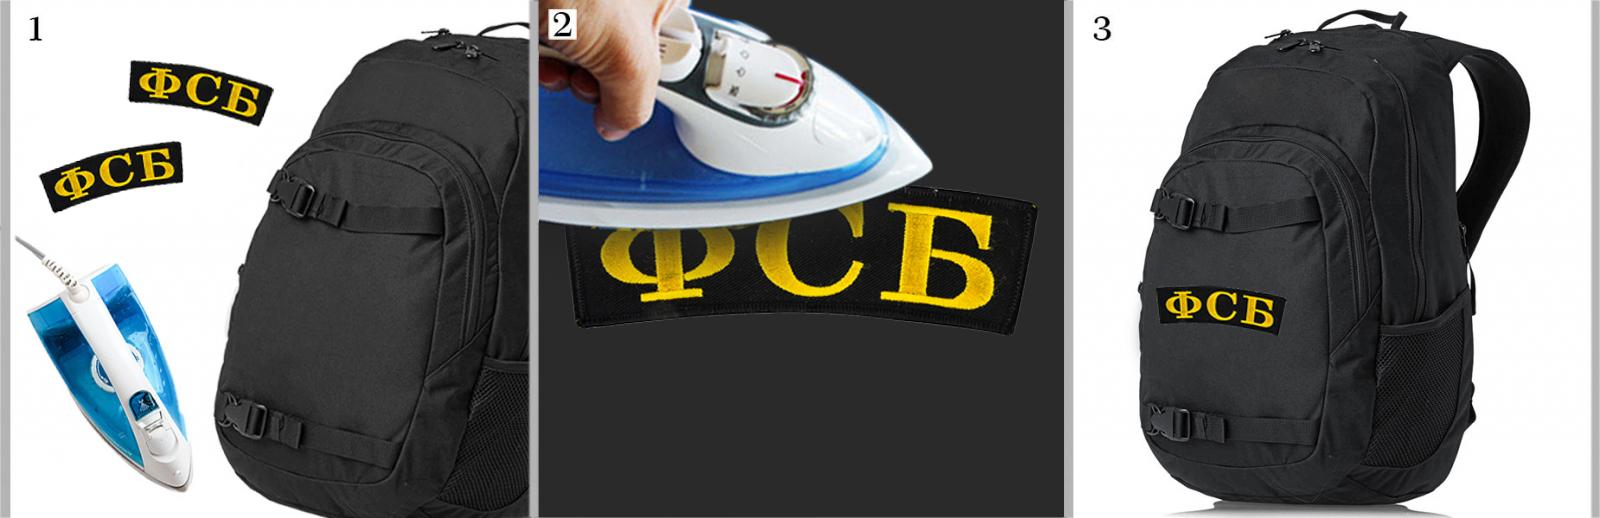 Заказать термонашивку ФСБ в Москве с доставкой